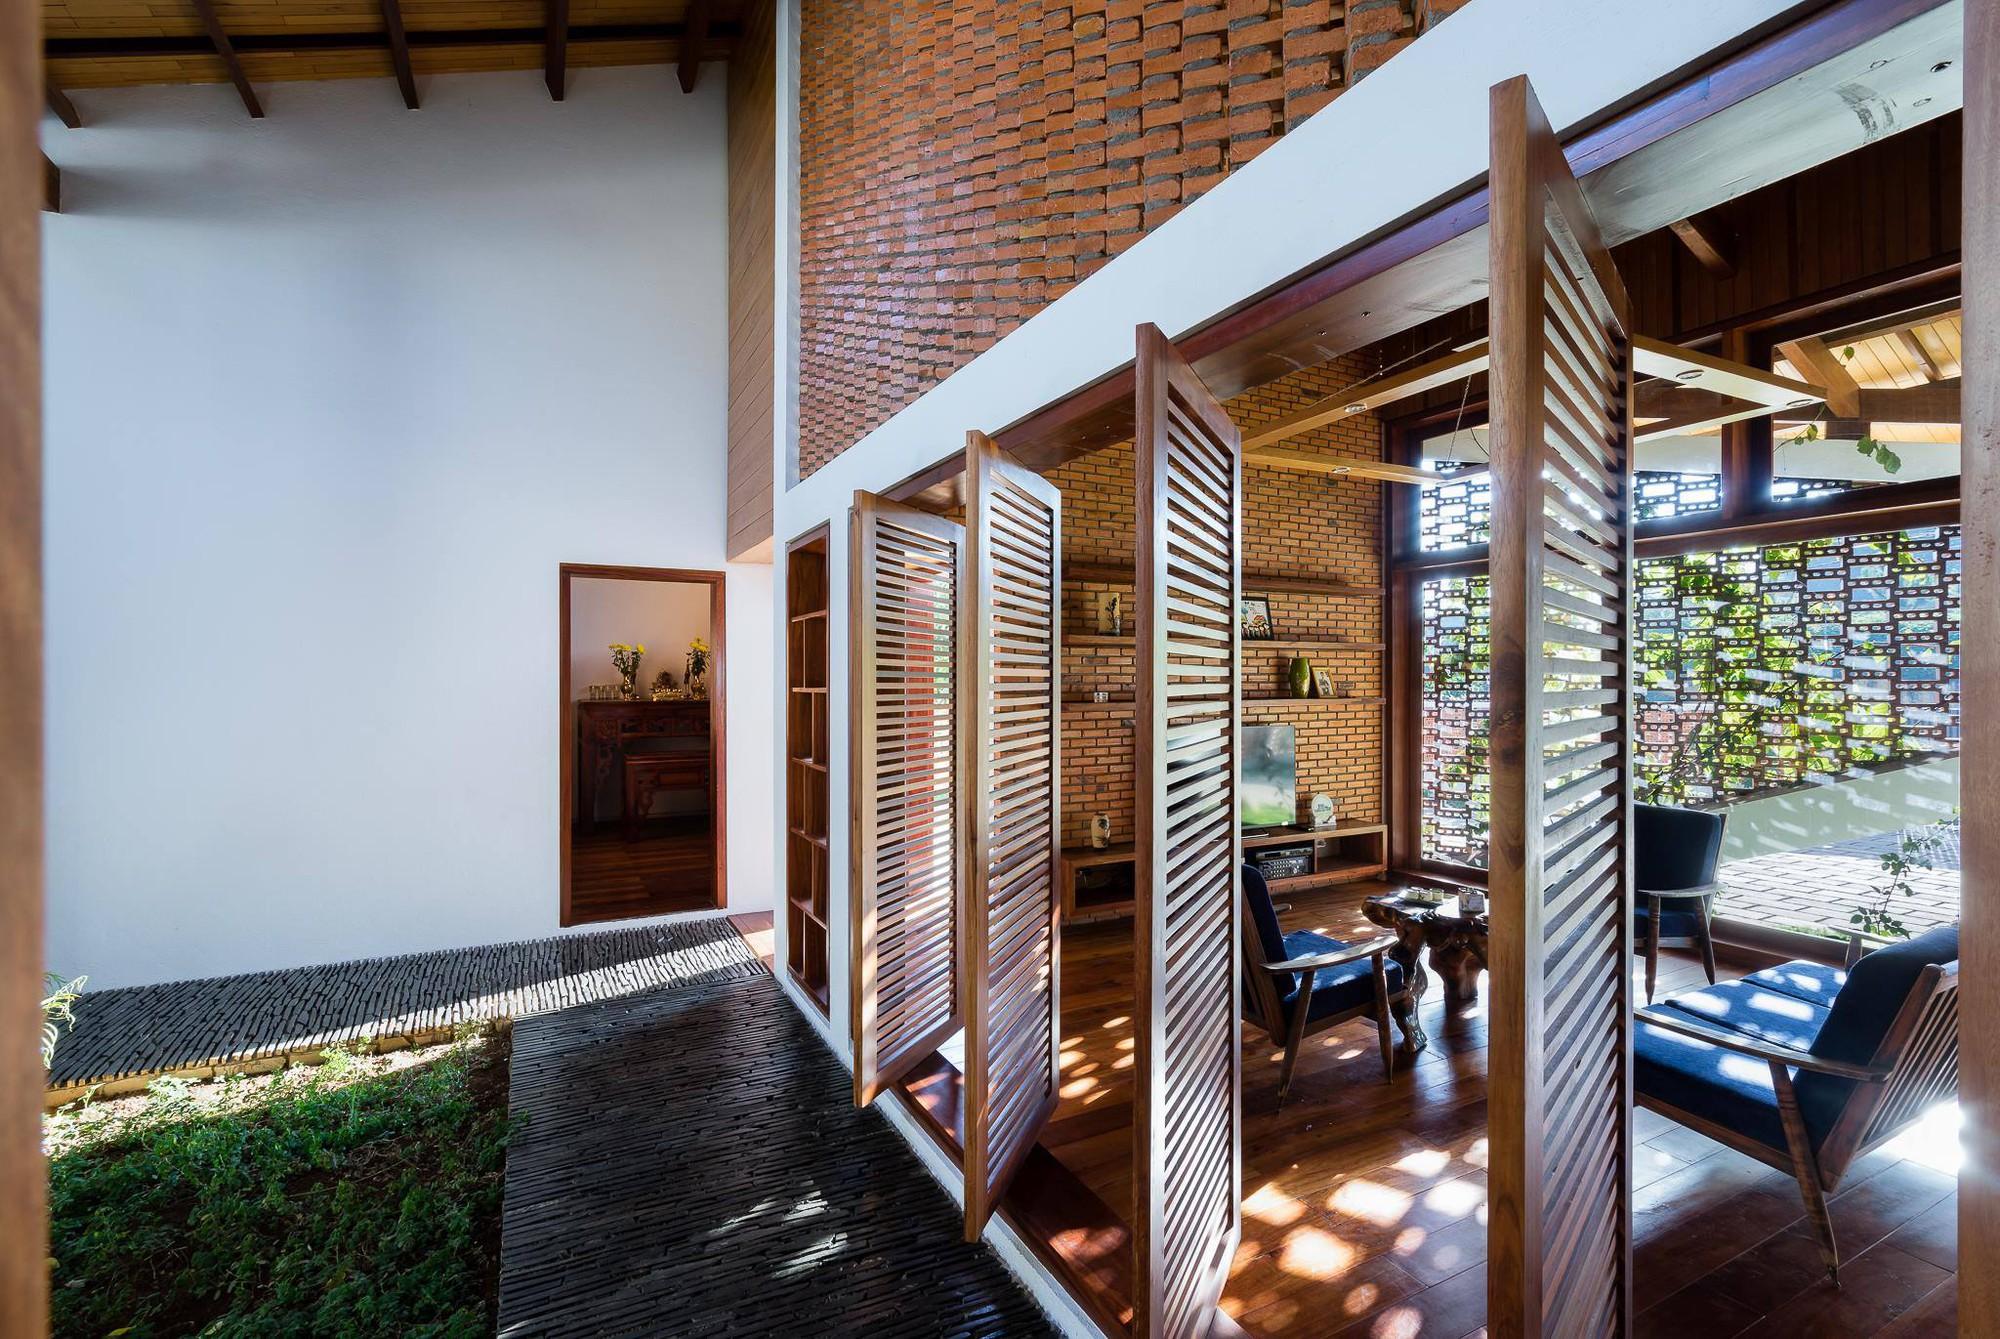 nha-dep-14-1531708744879802838973 Ngôi nhà mái ngói cấp 4 đẹp như resort khiến nhiều người ước mơ ở Lâm Đồng